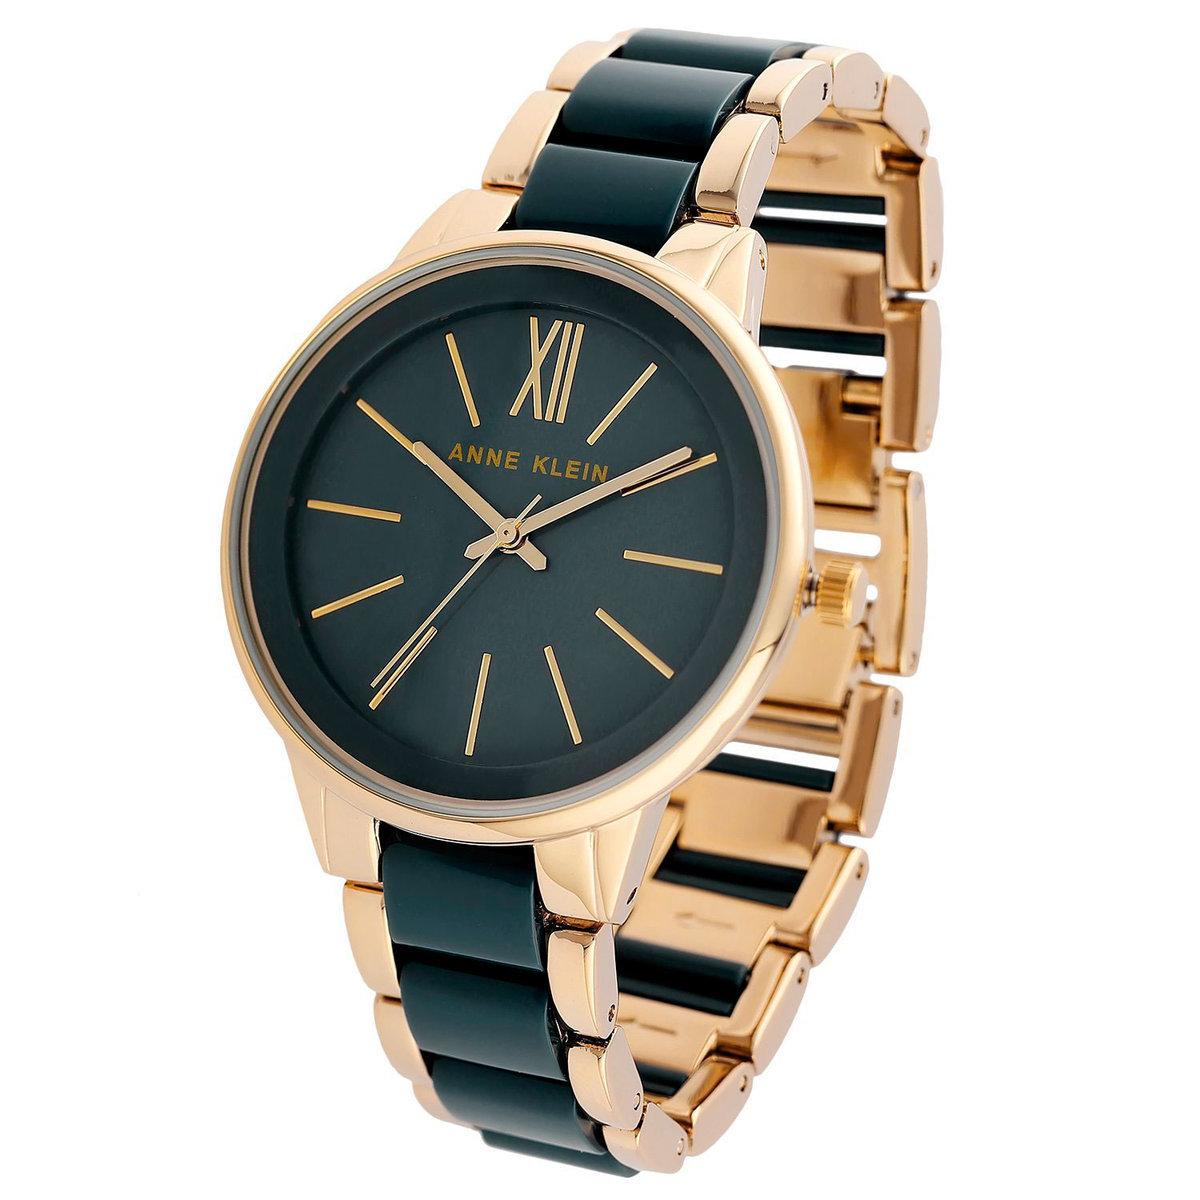 Каталог anne klein - новинки, хиты продаж, купить наручные часы.